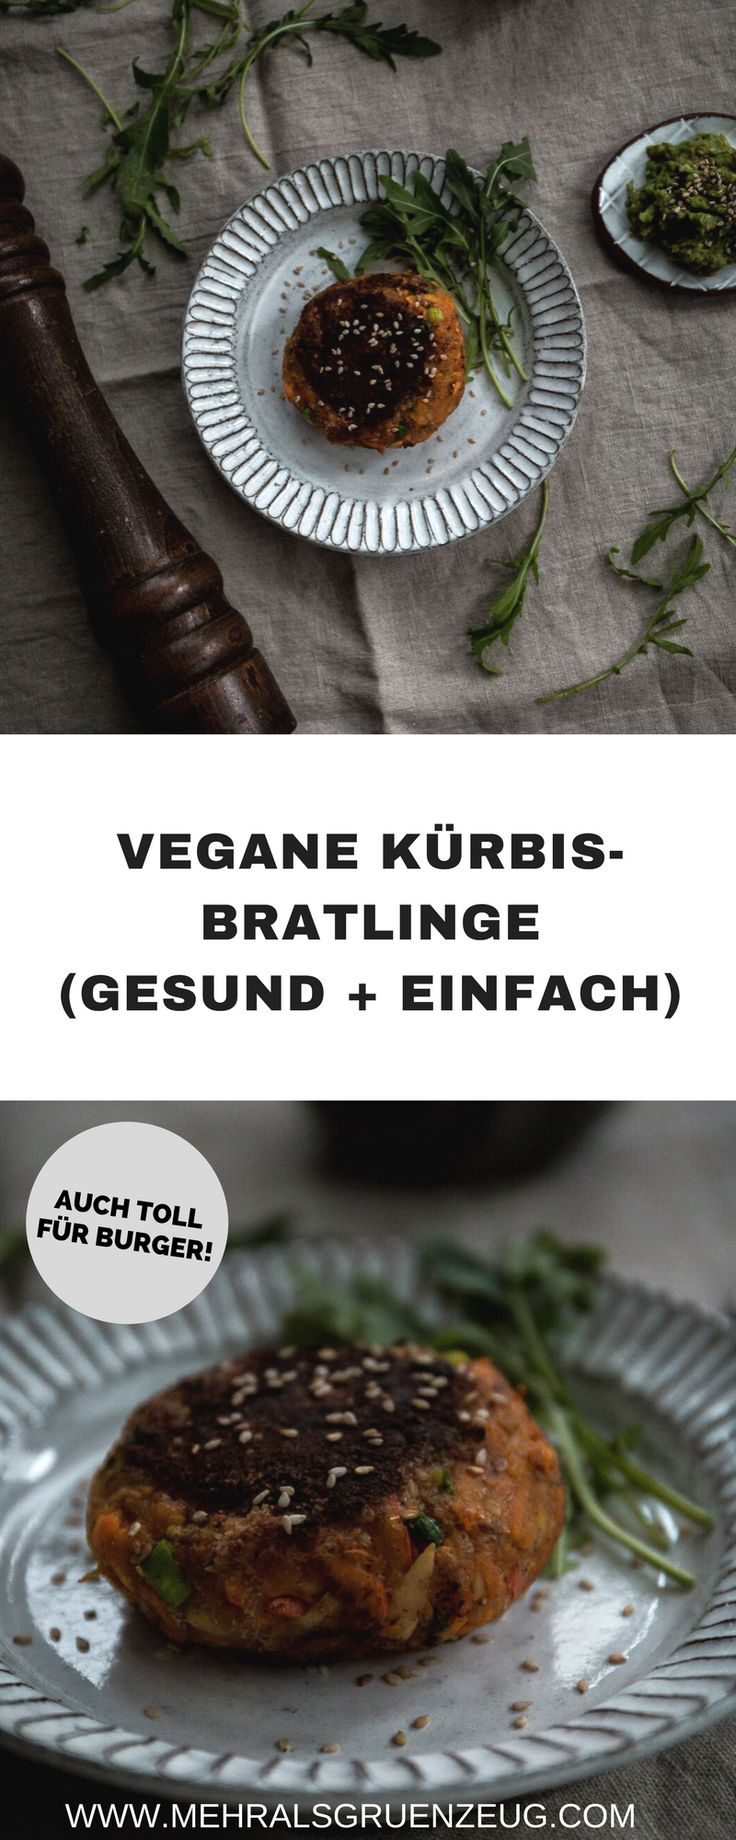 Vegane Kürbis-Bratlinge schnell und einfach aus wenigen Zutaten selbst gemacht. Sie eigenen sich auch toll für pflanzliche Burger (als Patties), machen aber schon alleine eine herbstliche Figur auf dem Teller.